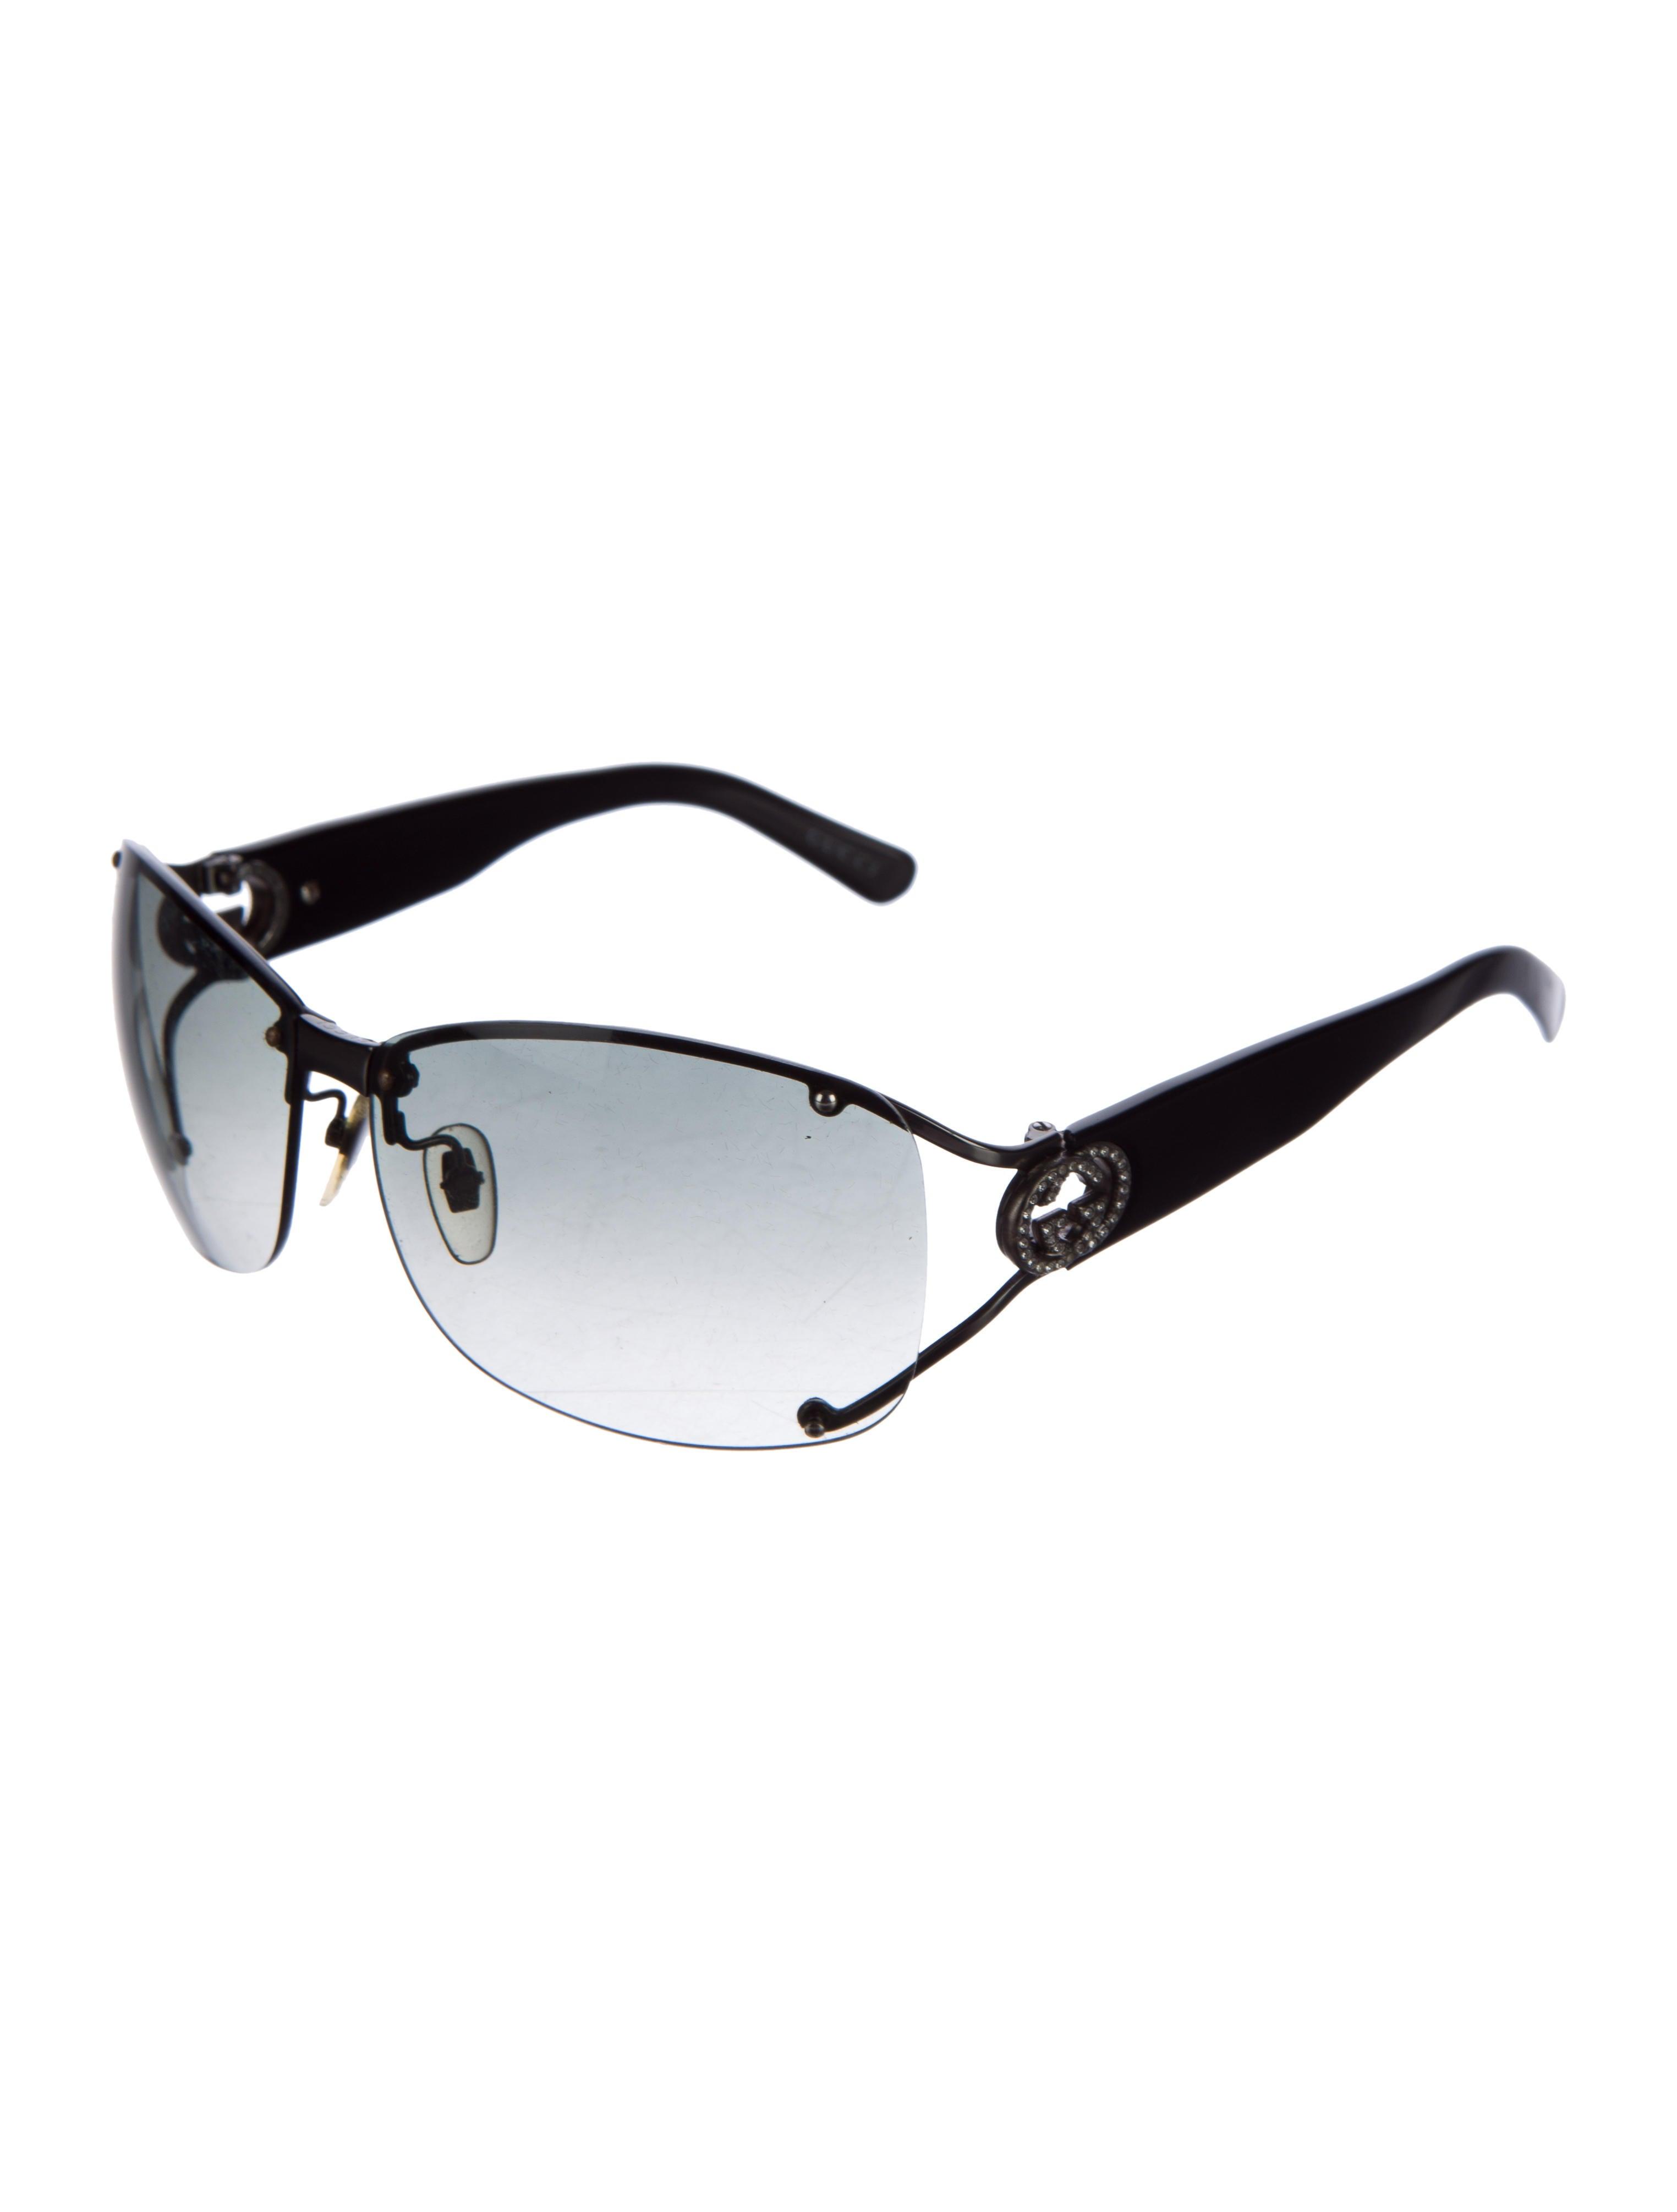 Gucci Rimless GG Sunglasses - Accessories - GUC132811 ...